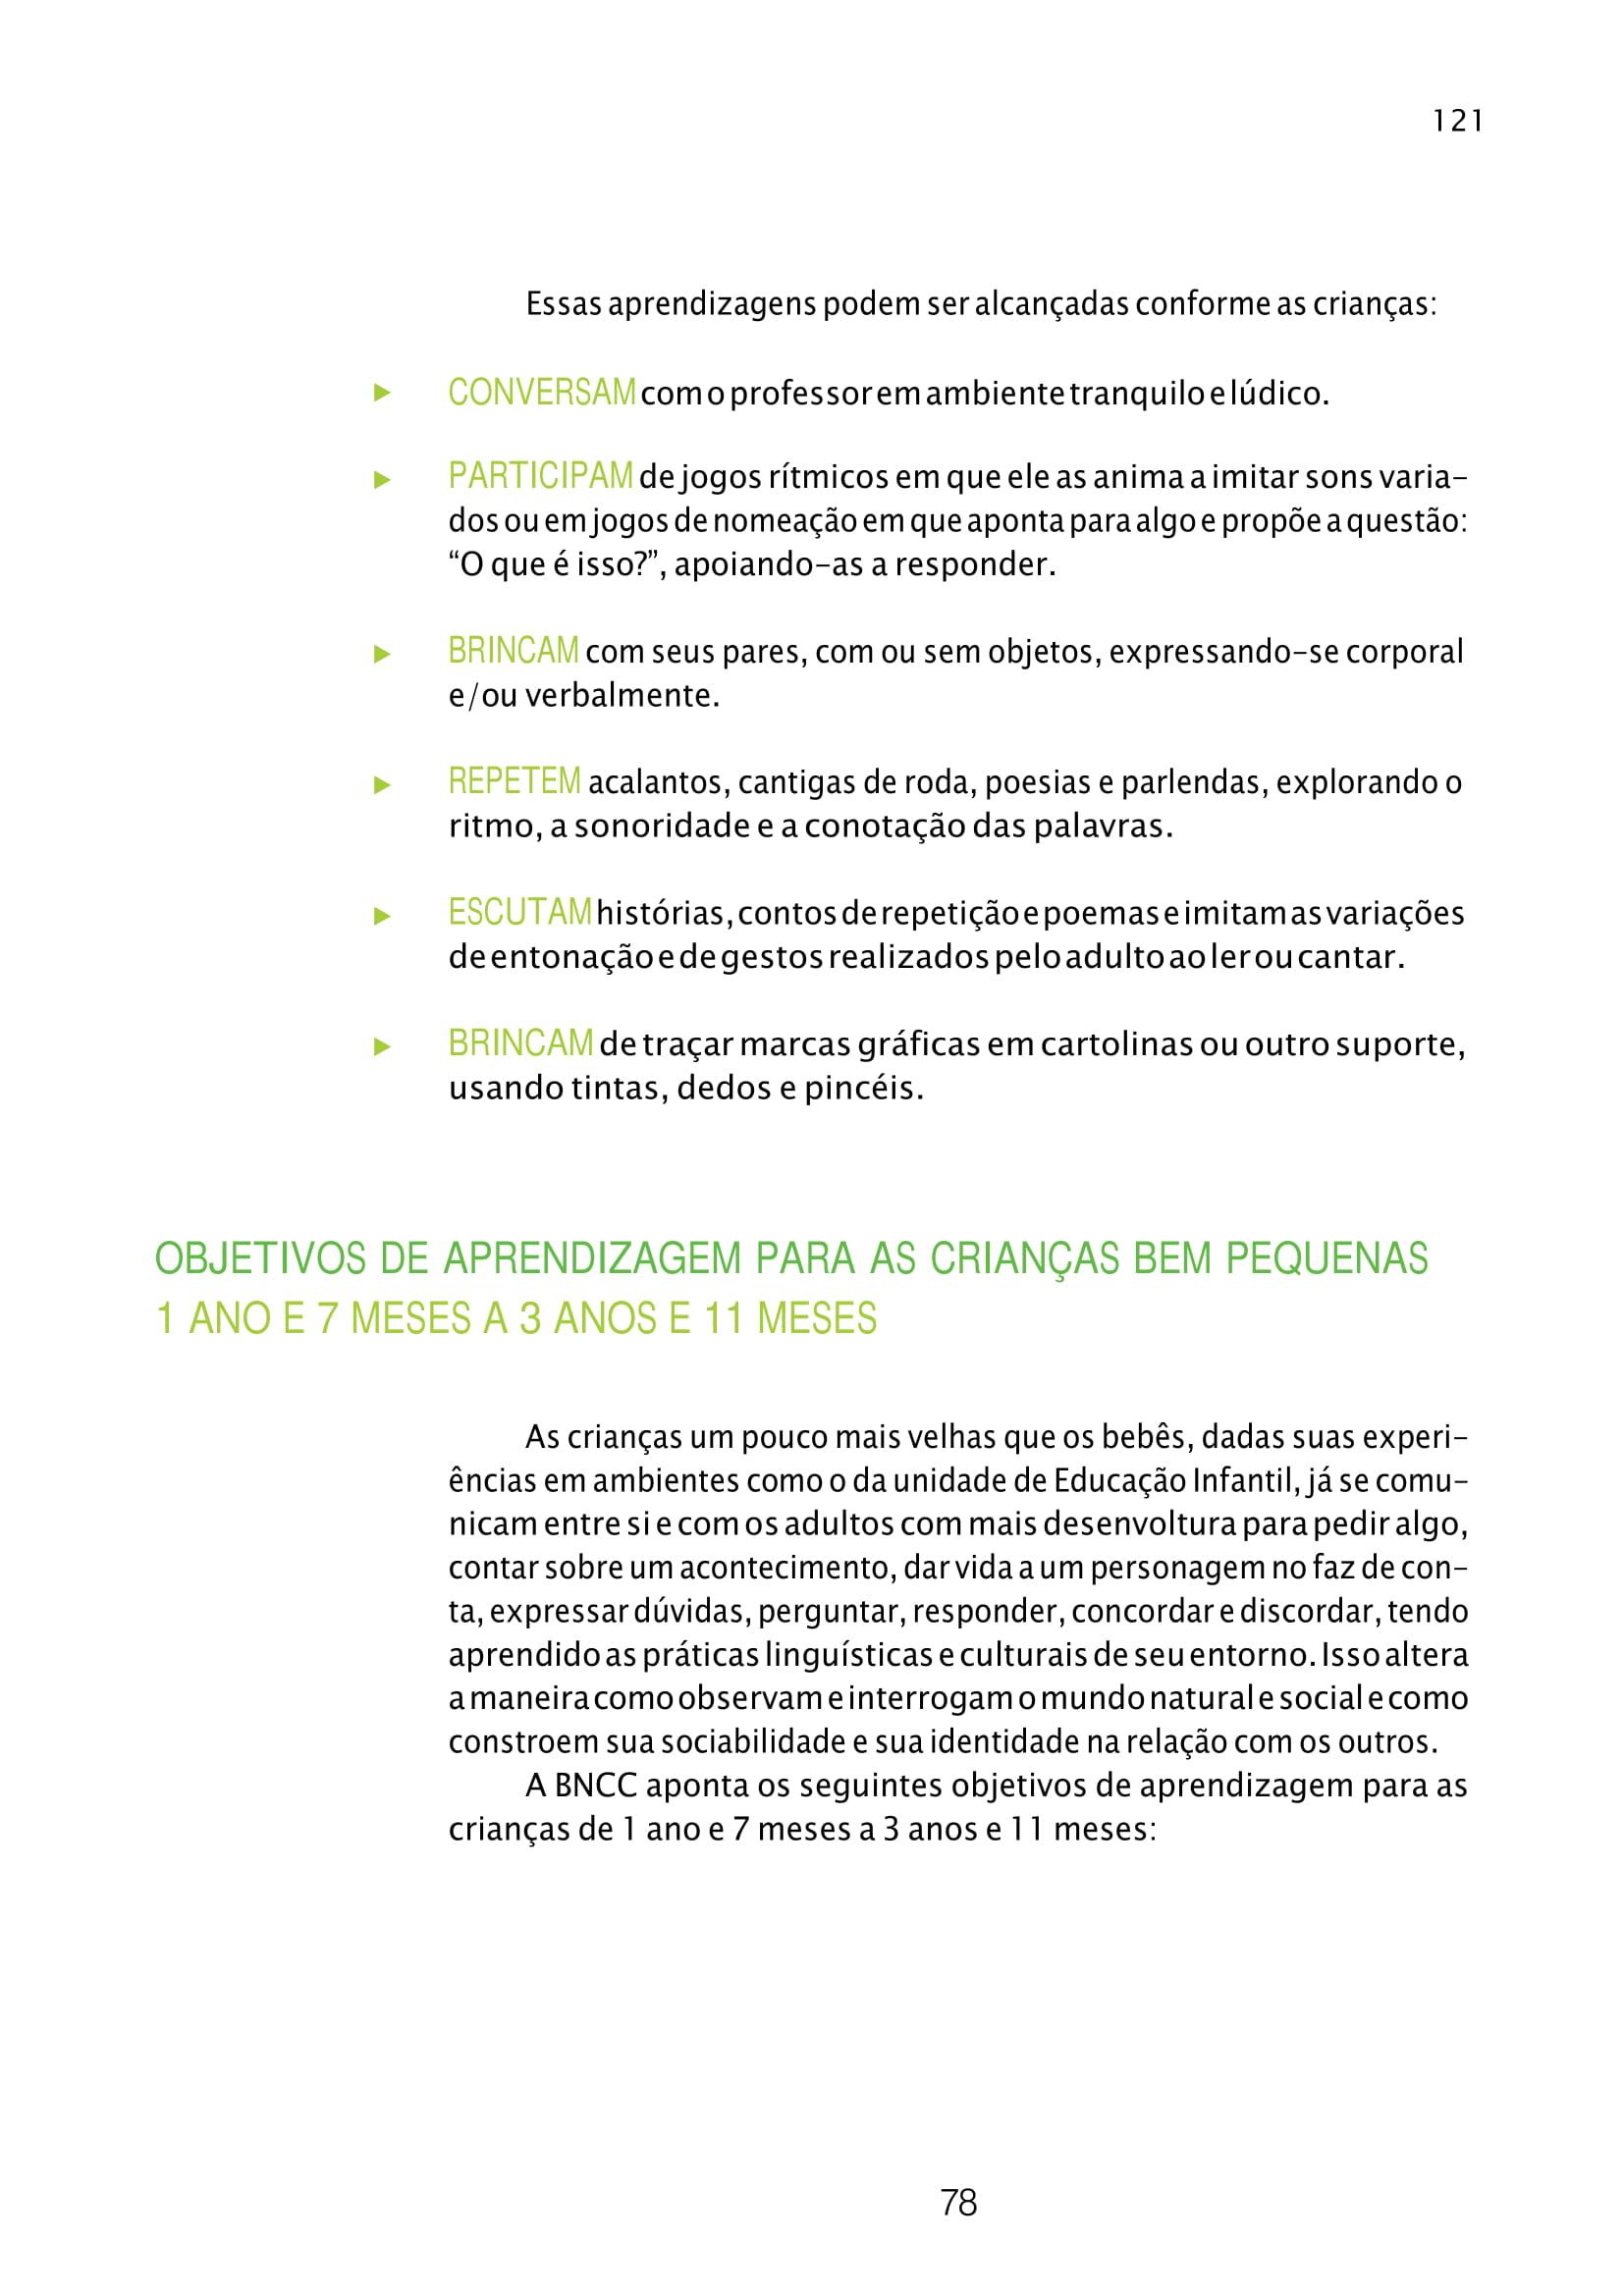 planejamento-educação-infantil-bncc-geral-151